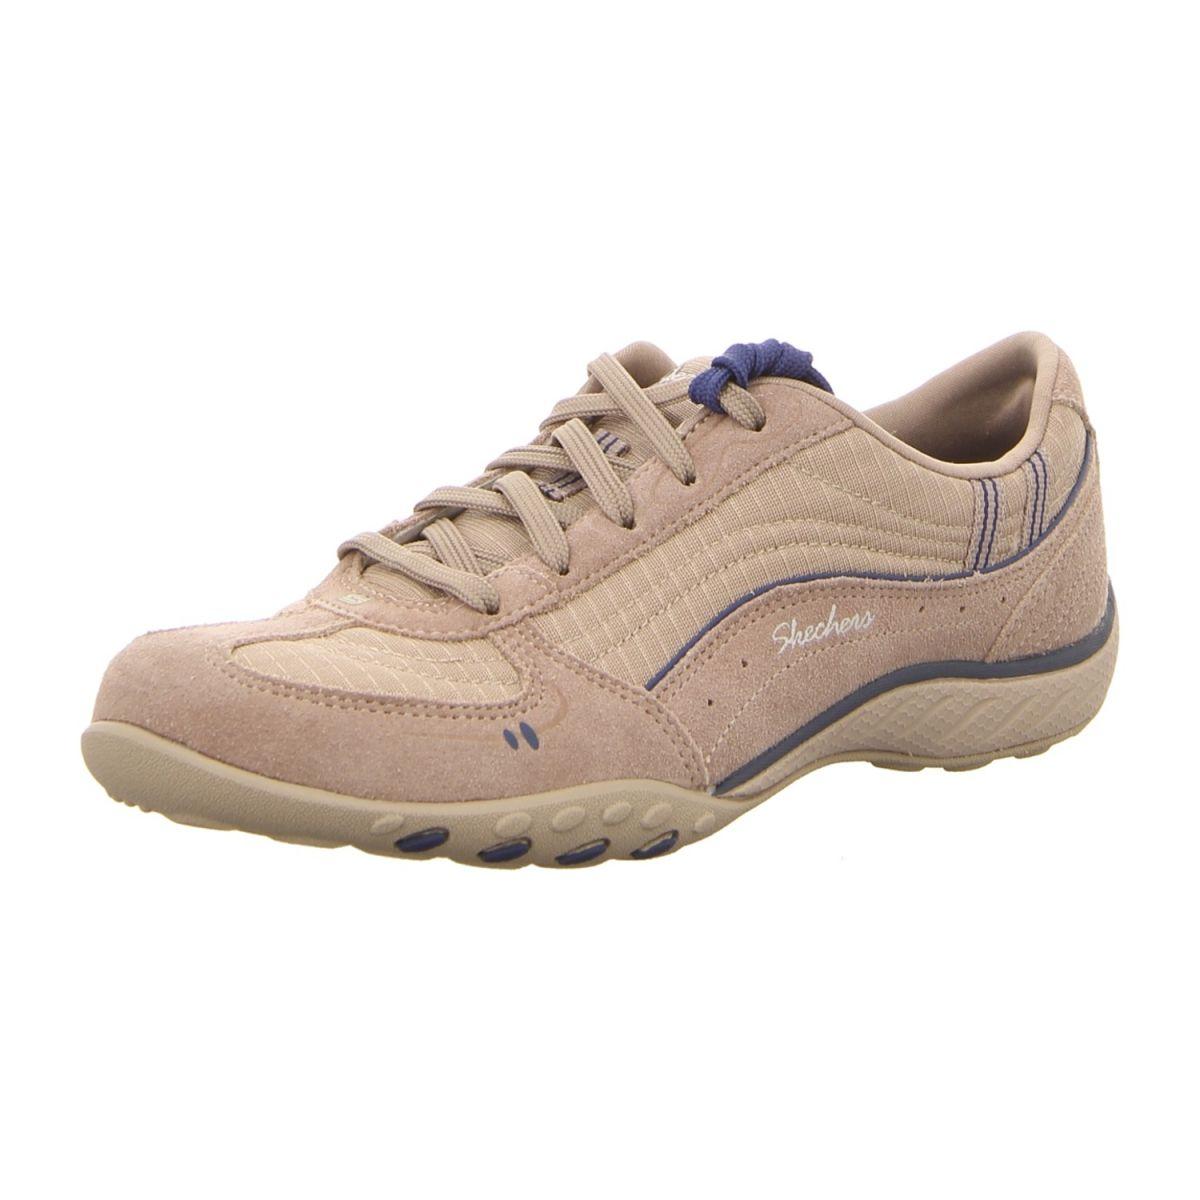 Skechers Sneaker  Zapatos  Sneaker Skechers Breathe-Easy-Just Relax 22459 STNV stone/navy (beige) 836a2e